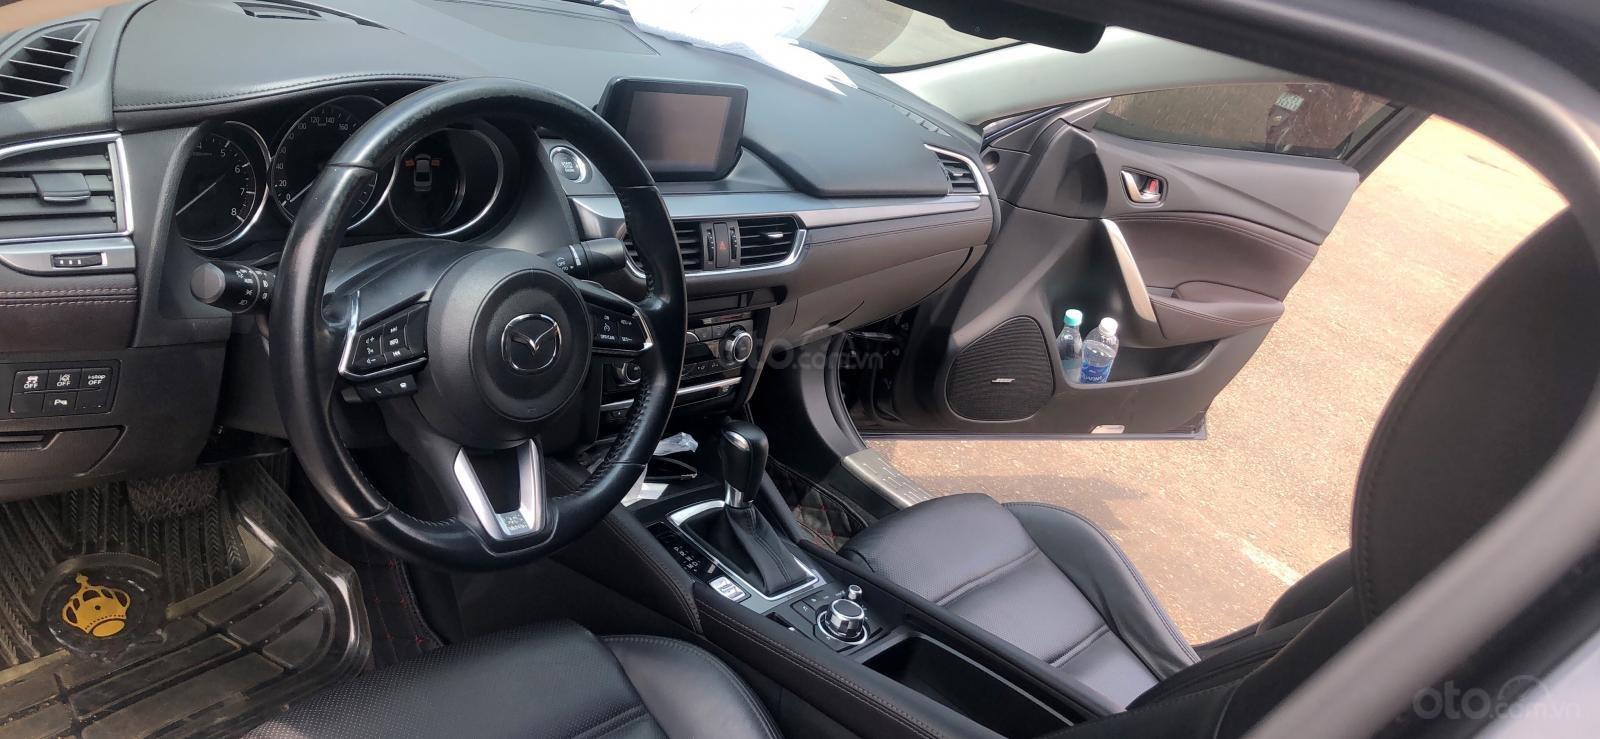 Bán xe Mazda 6 2.0 2017 Premium xanh đen, đi 11K km-3